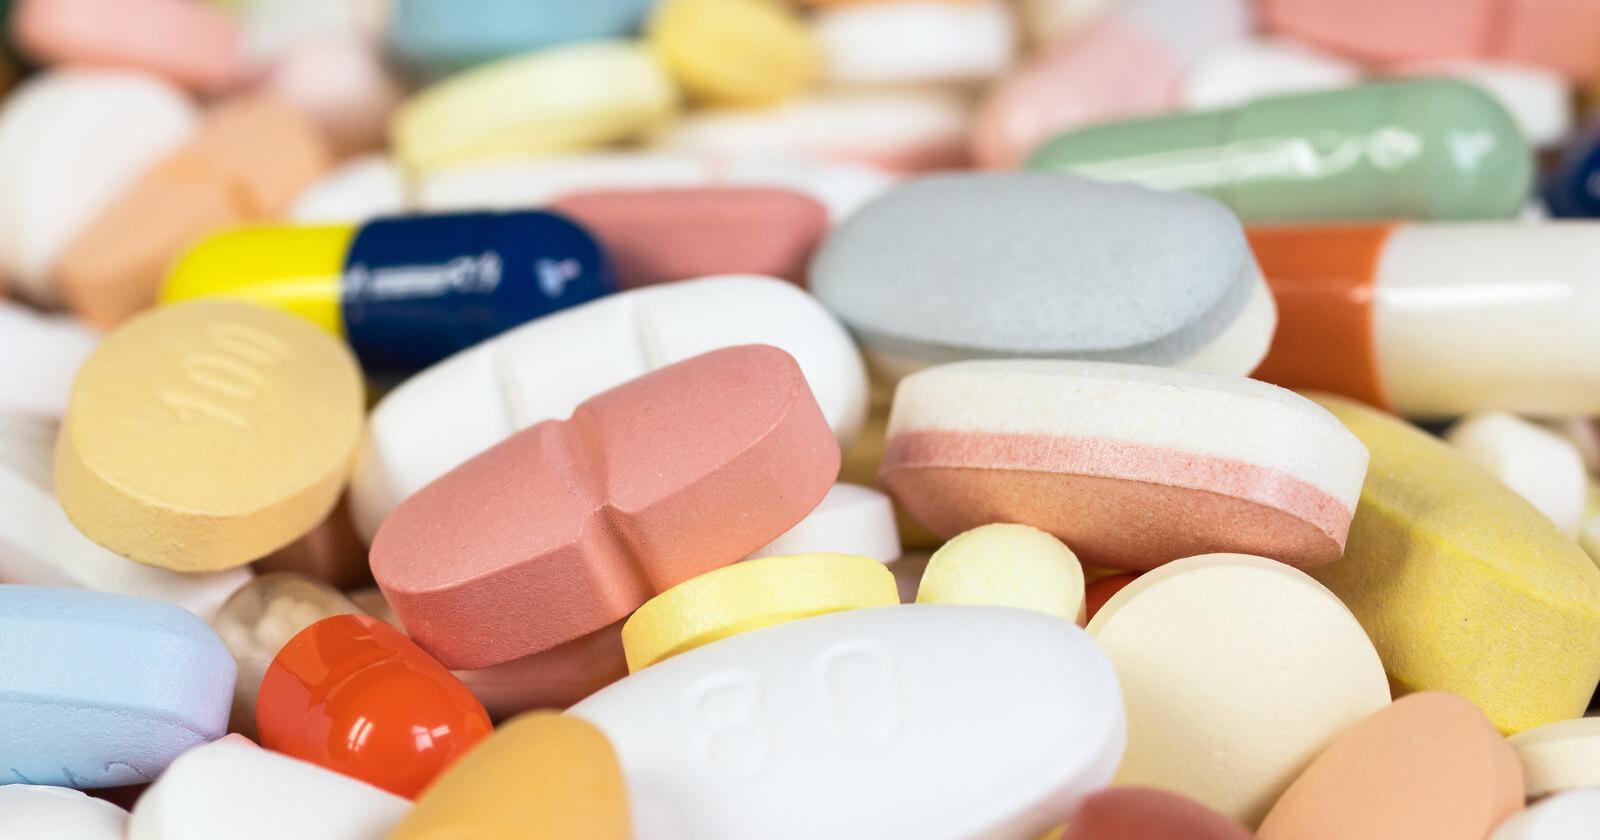 Reizdarm-Medikamente richten sich meist nach den jeweiligen Symptomen